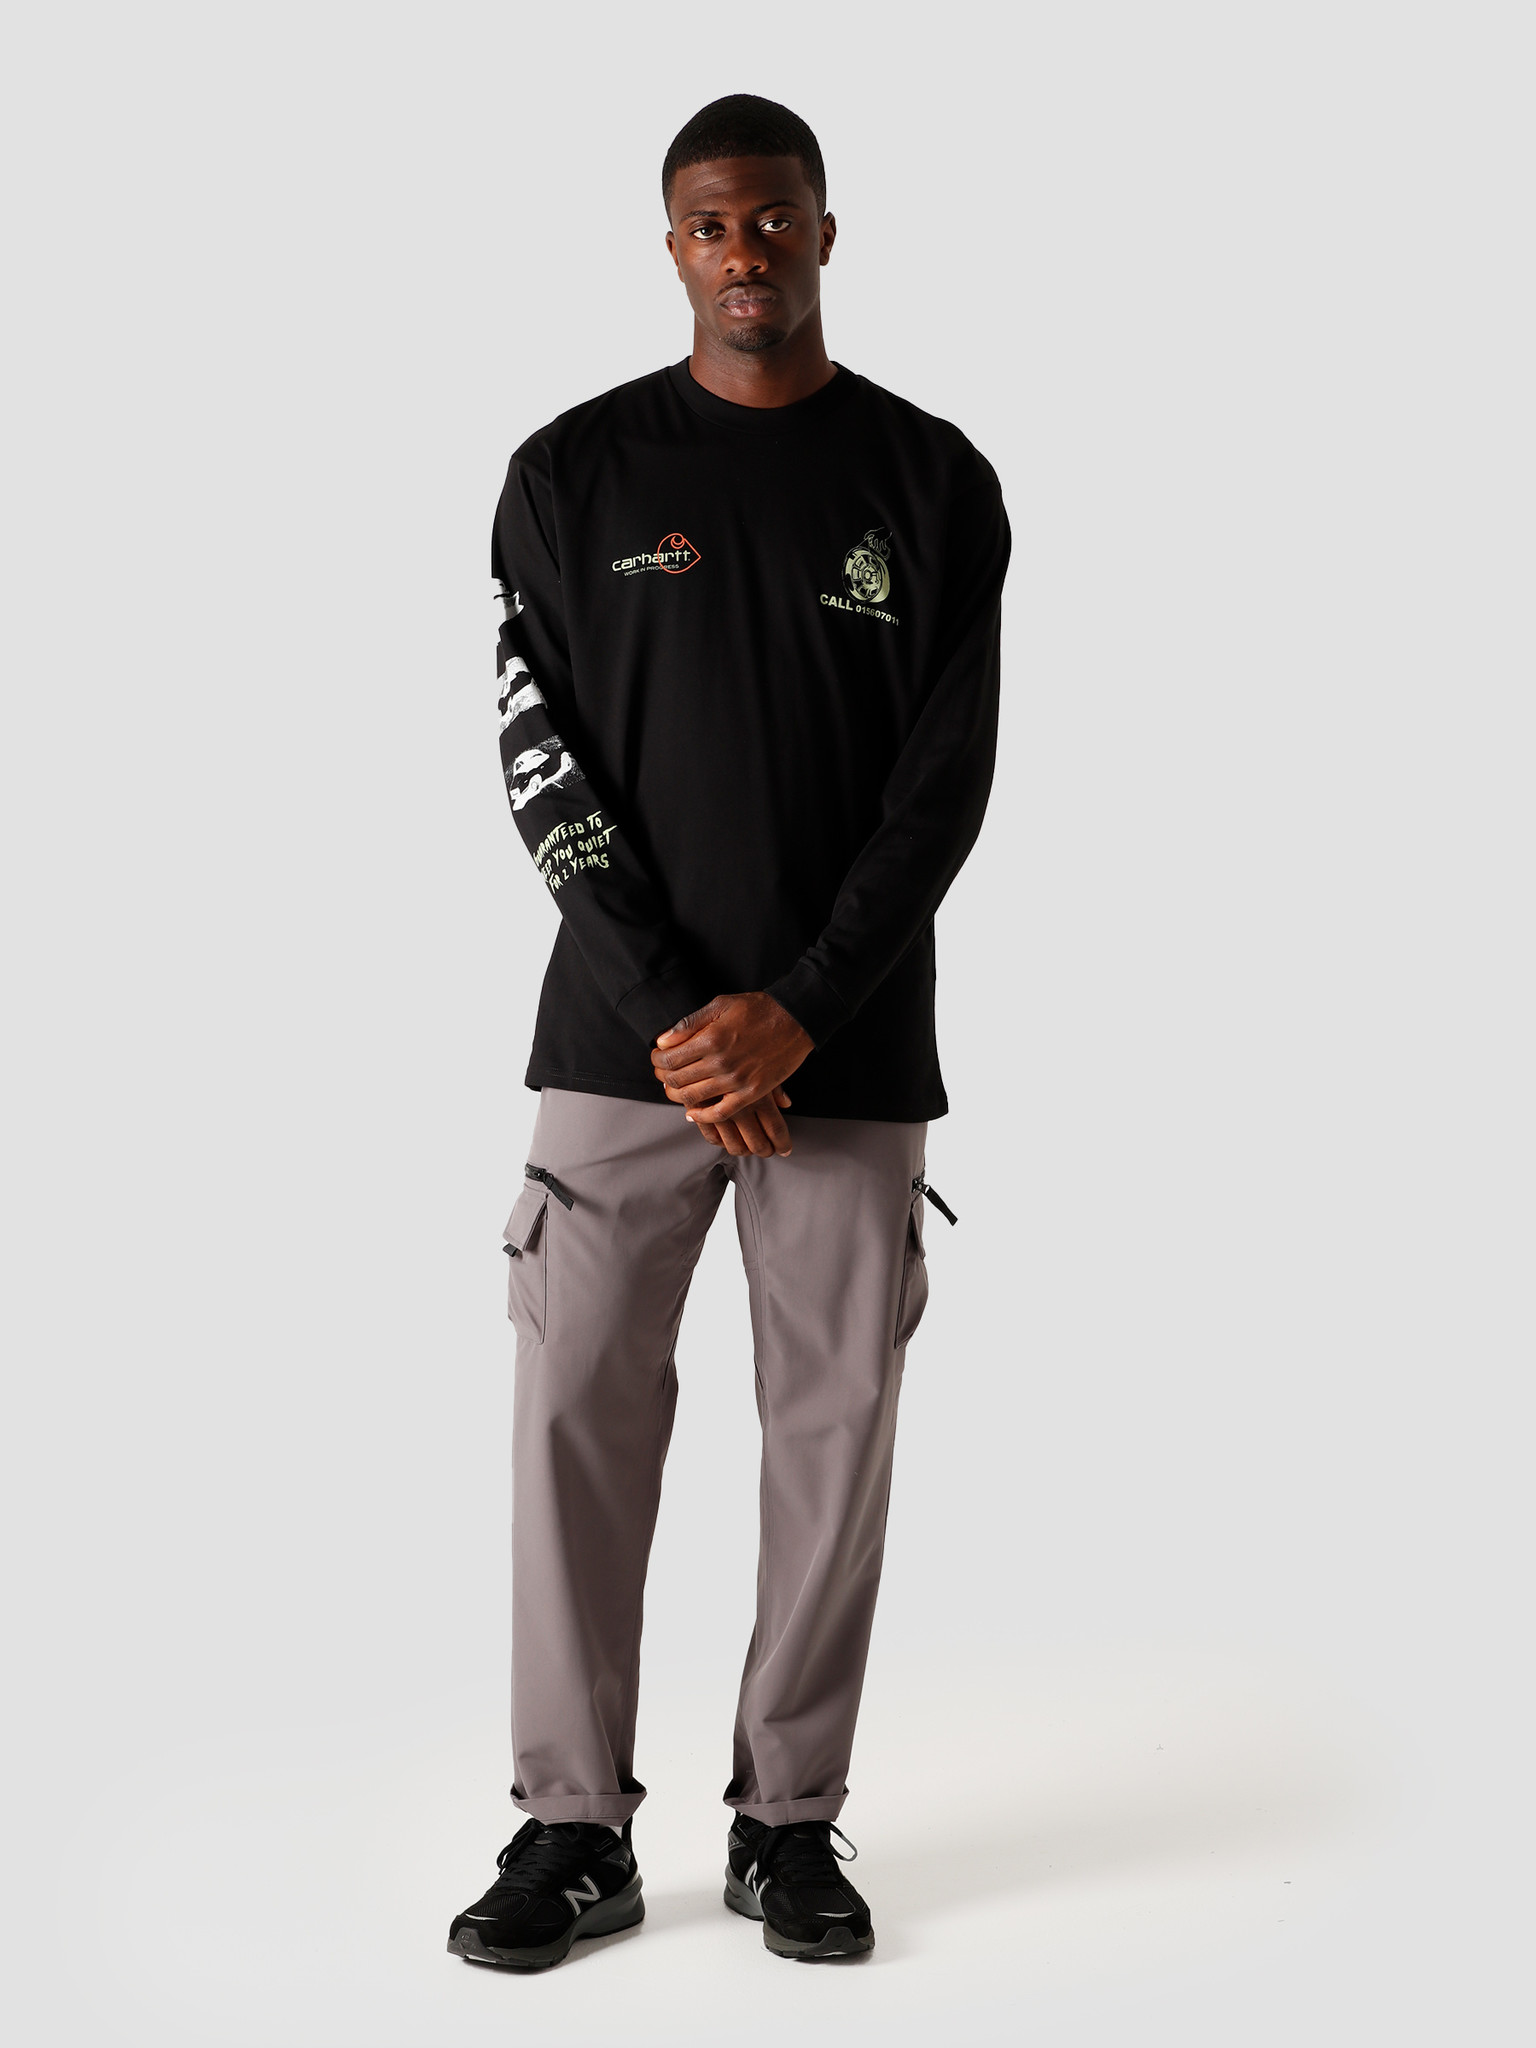 Carhartt WIP Carhartt WIP Longsleeve Carhartt Race Play T-Shirt Black I028499-8900